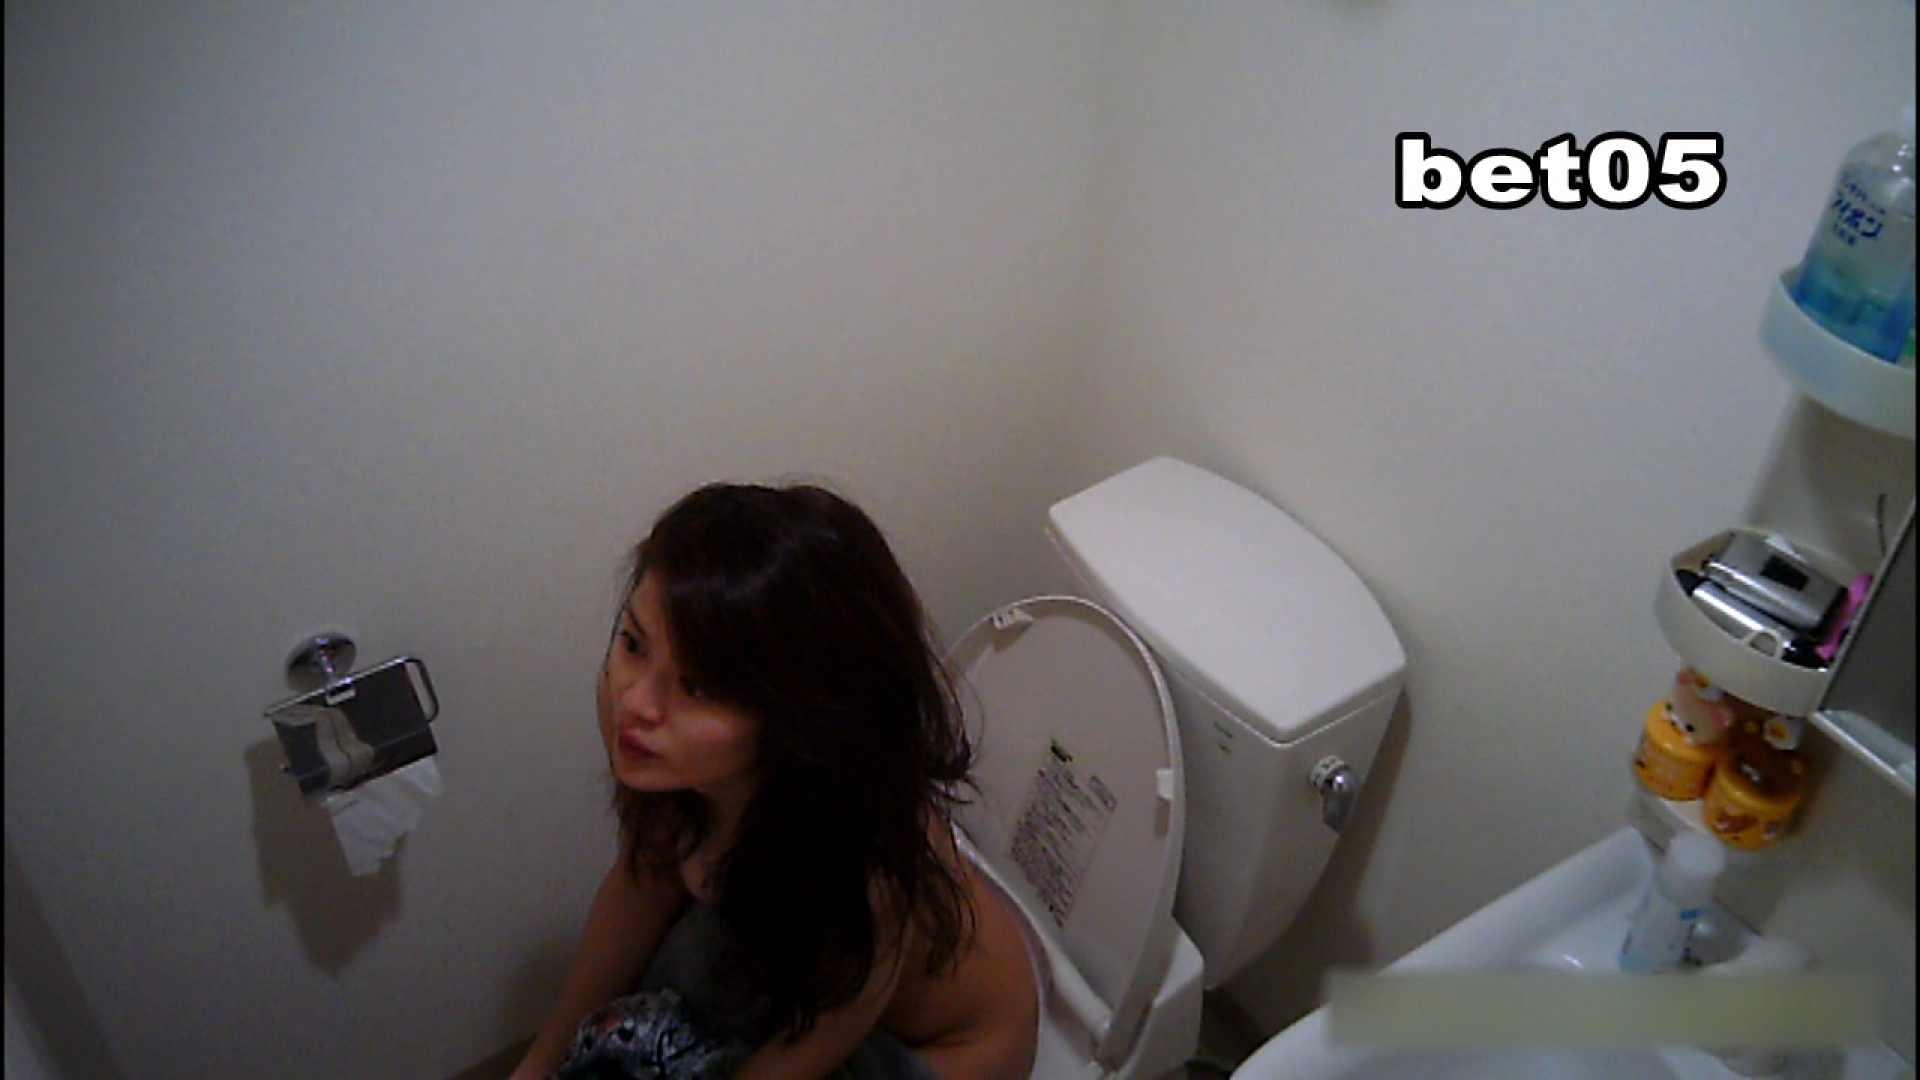 ミキ・大手旅行代理店勤務(24歳・仮名) vol.05 オマケで全裸洗面所も公開 リベンジ  100PIX 21